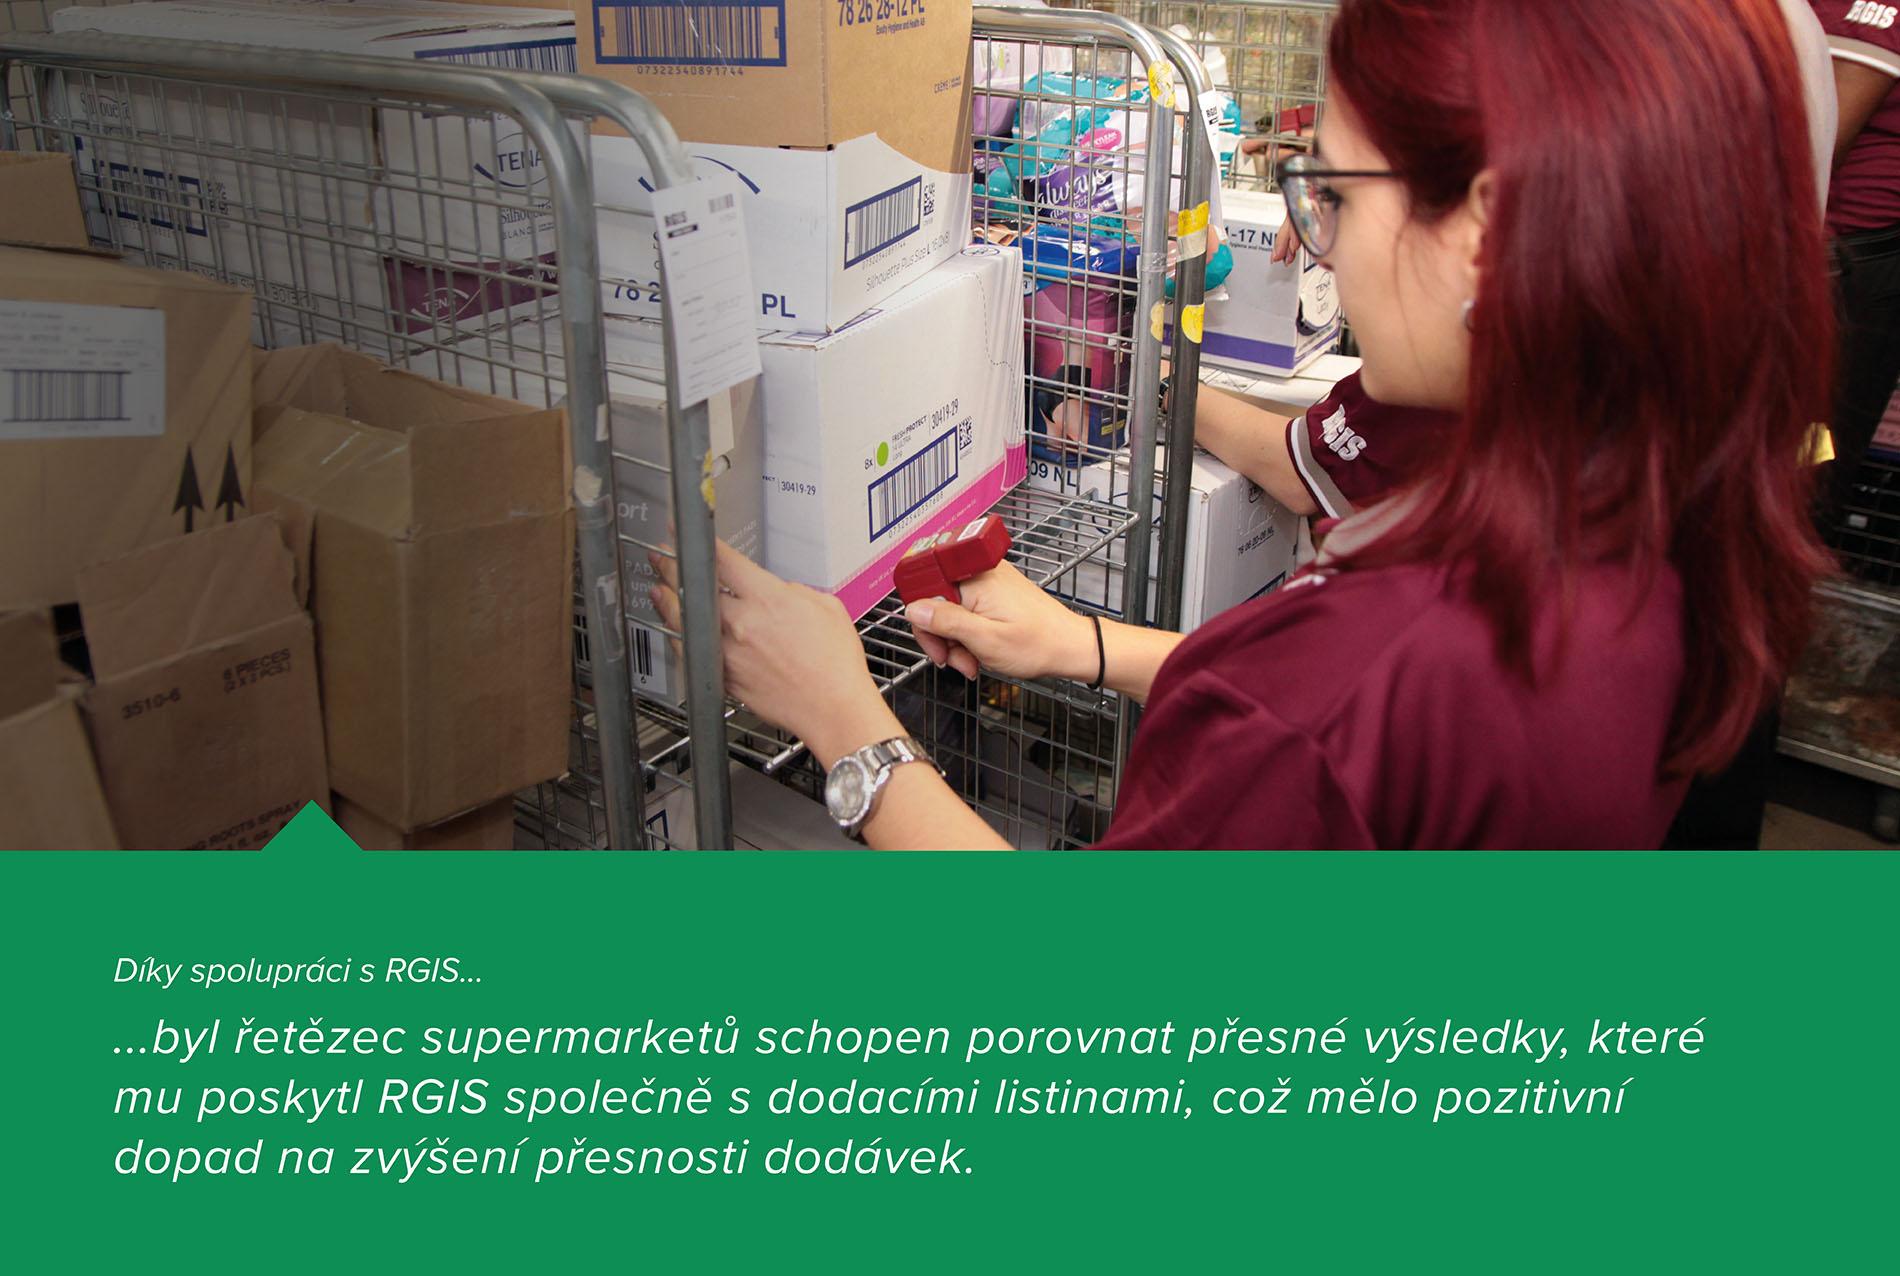 Kontroly dodávek distribučního centra